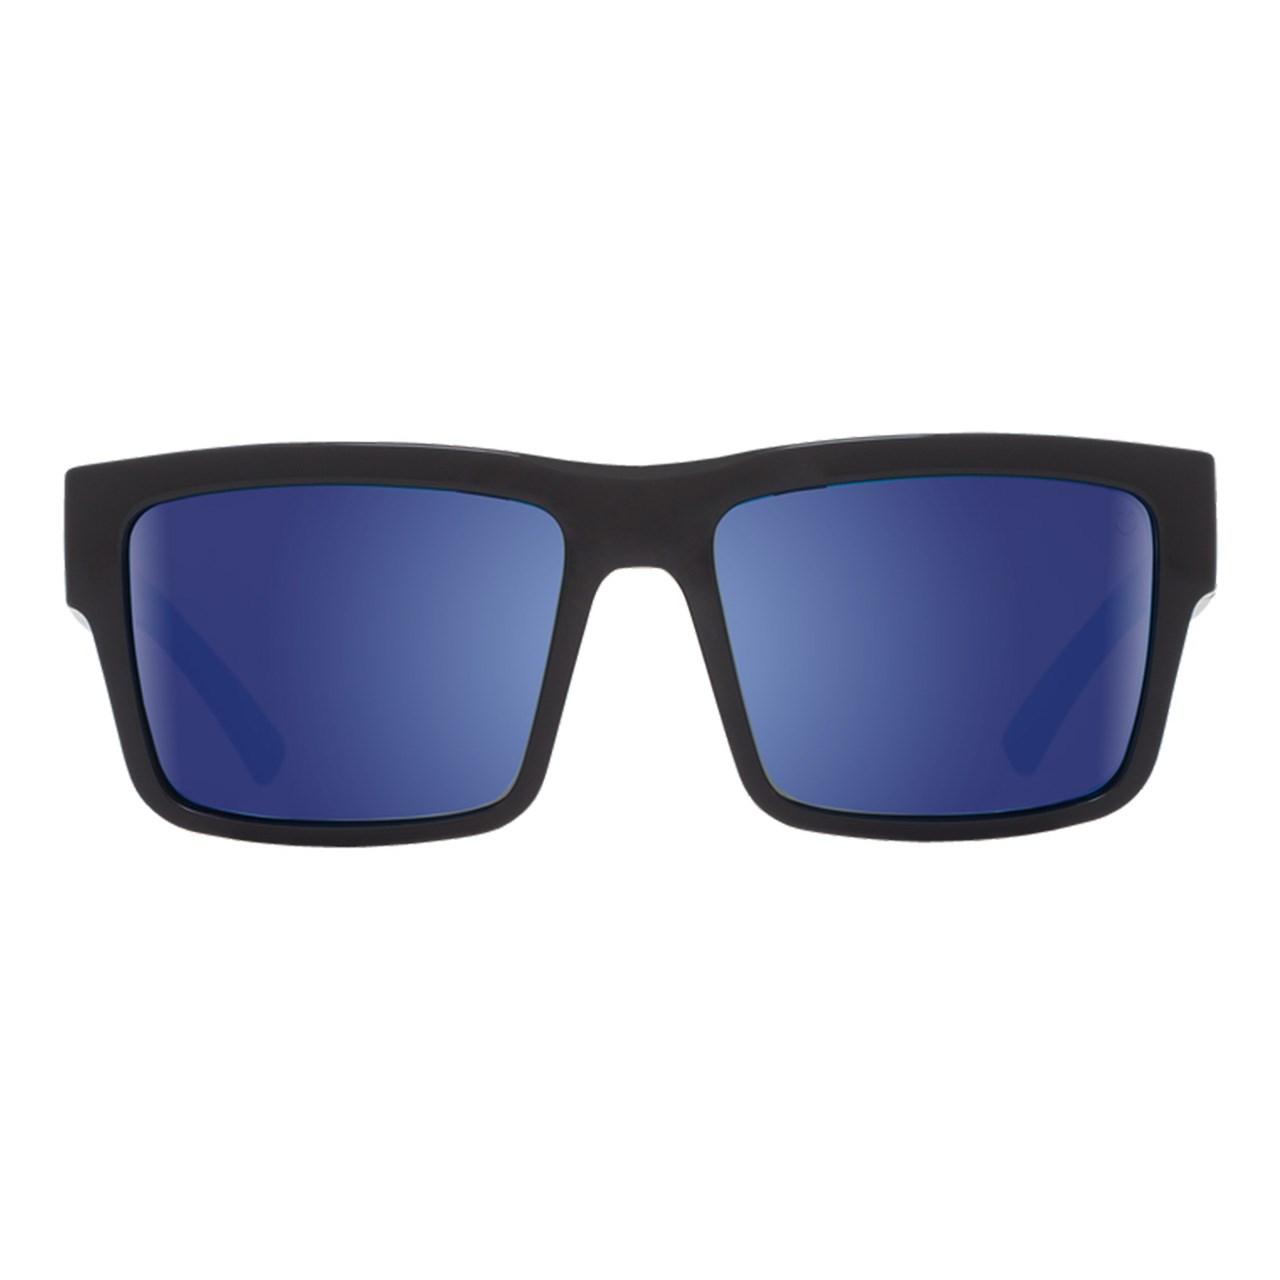 عینک آفتابی اسپای سری Montana مدل Black Happy Gray Green Polar Dark Blue Spectra -  - 1